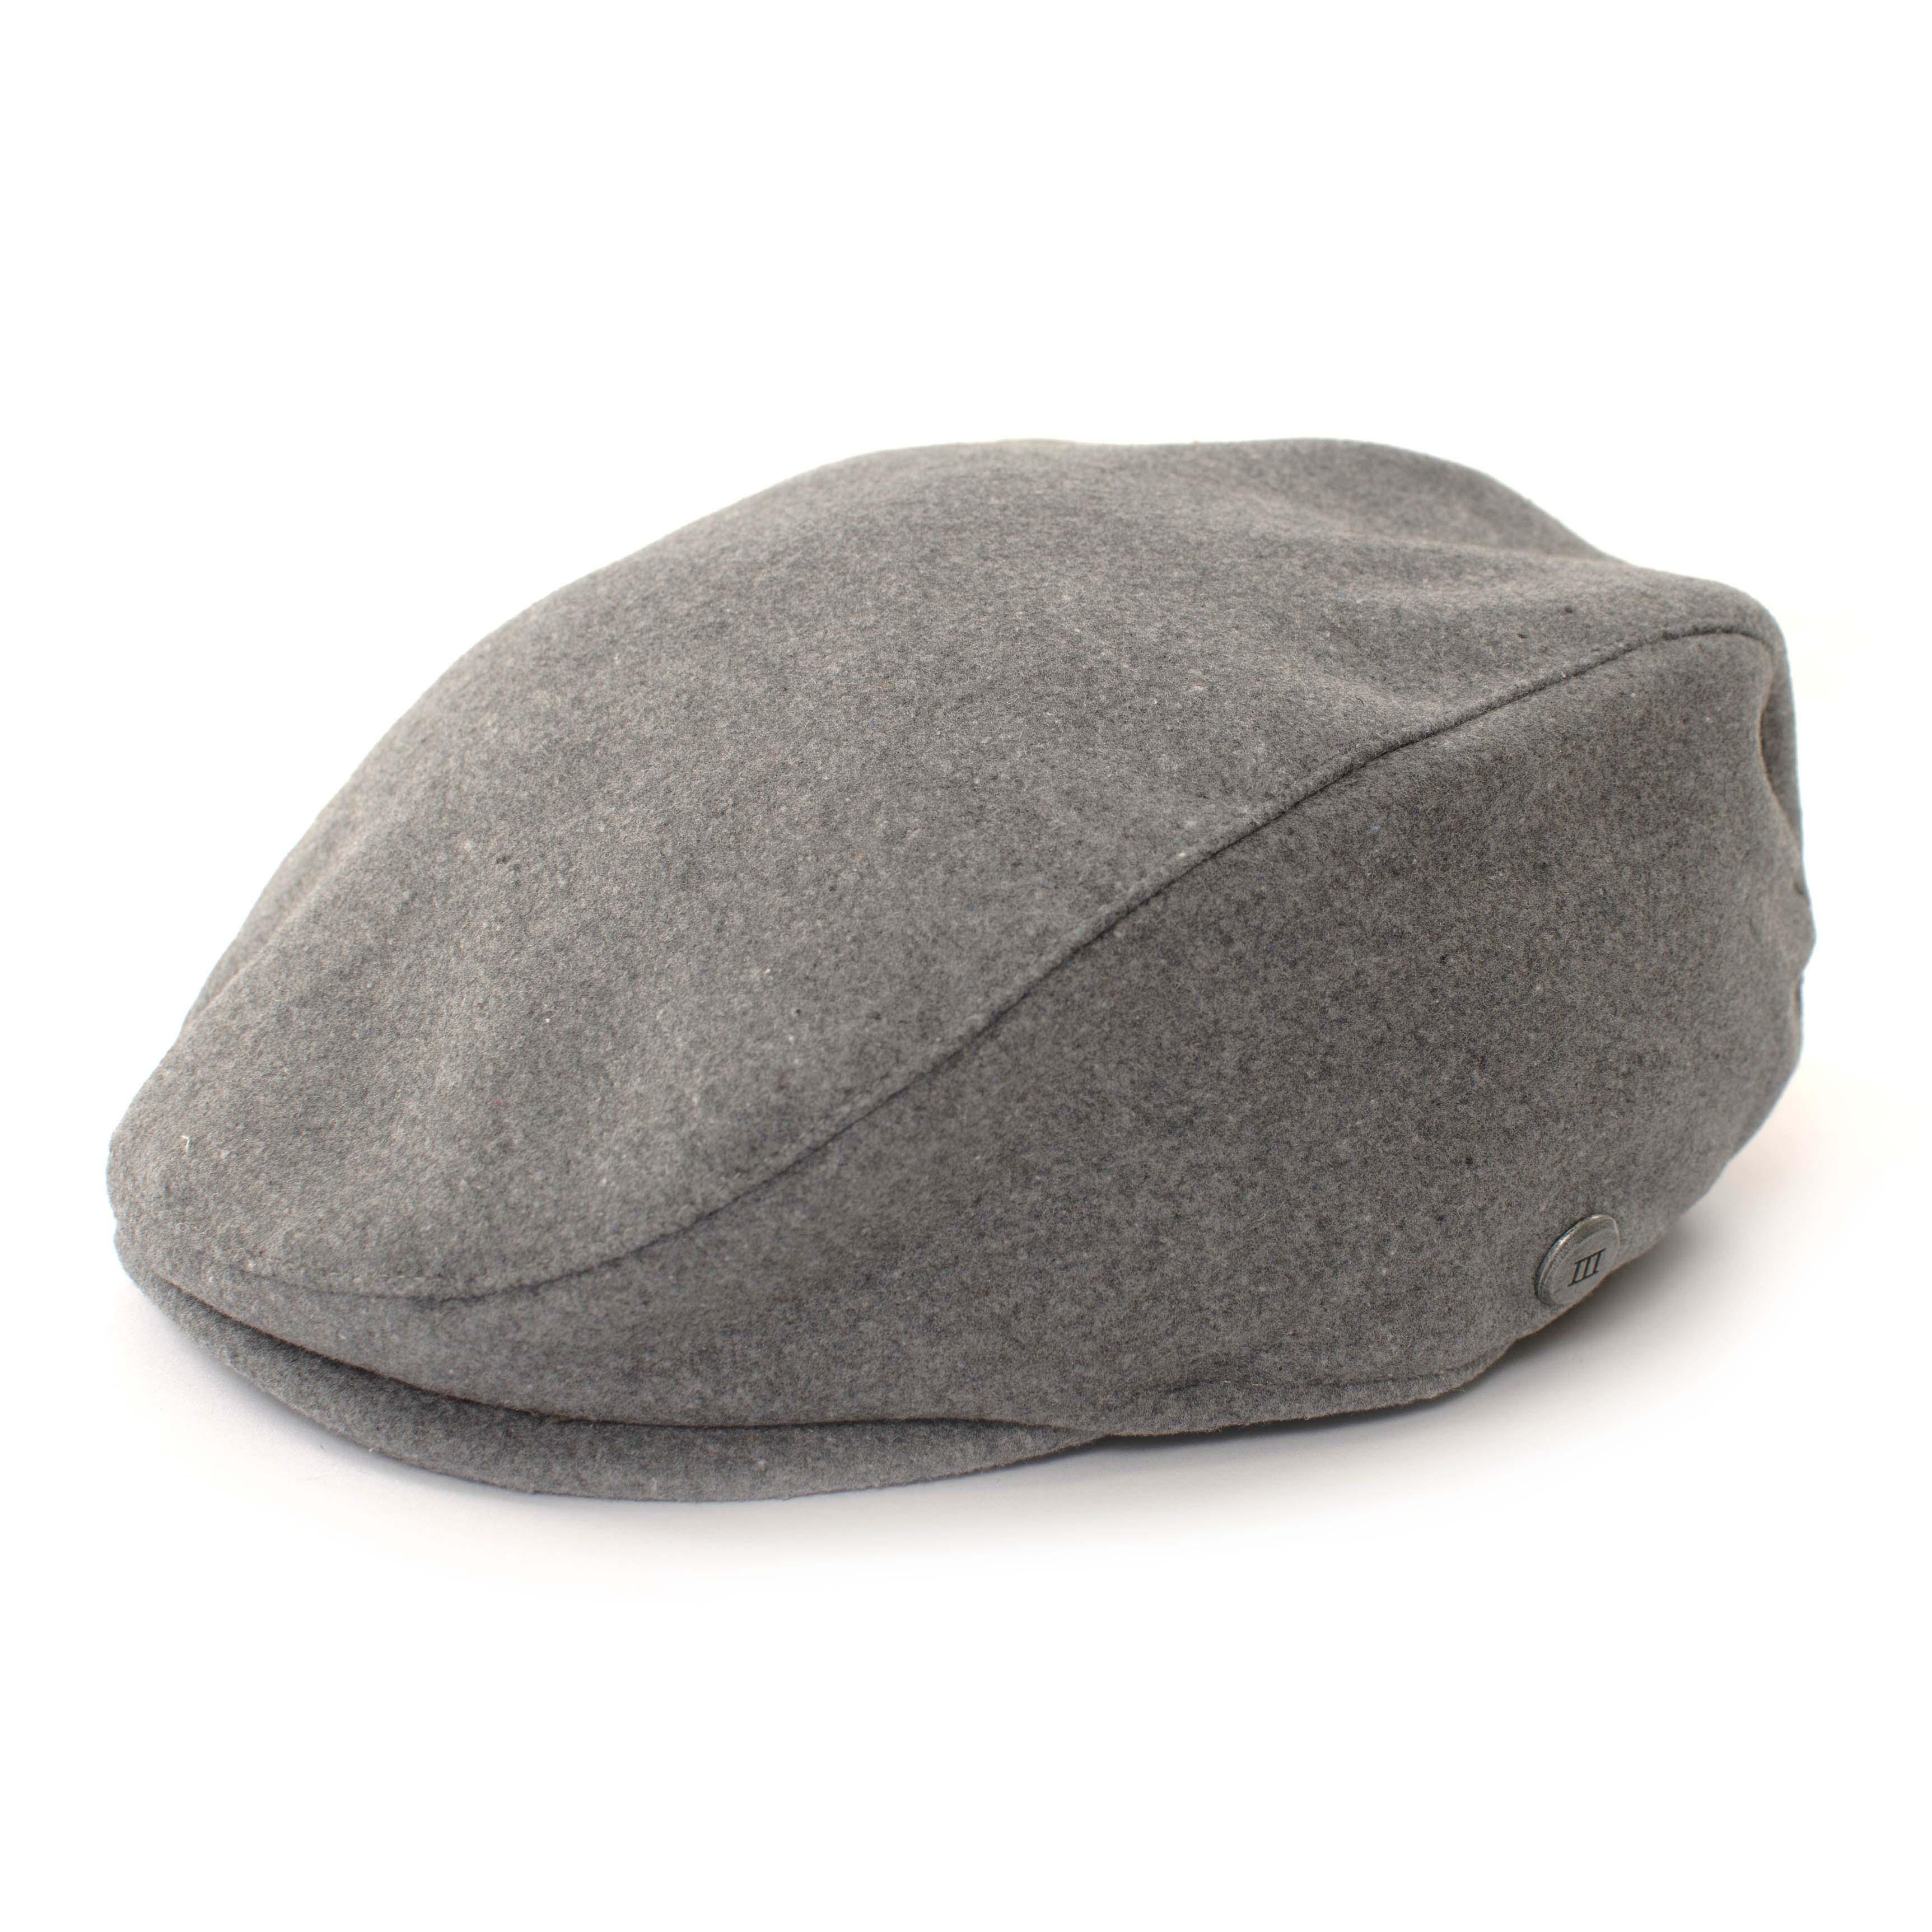 Grey flatcap in wool look